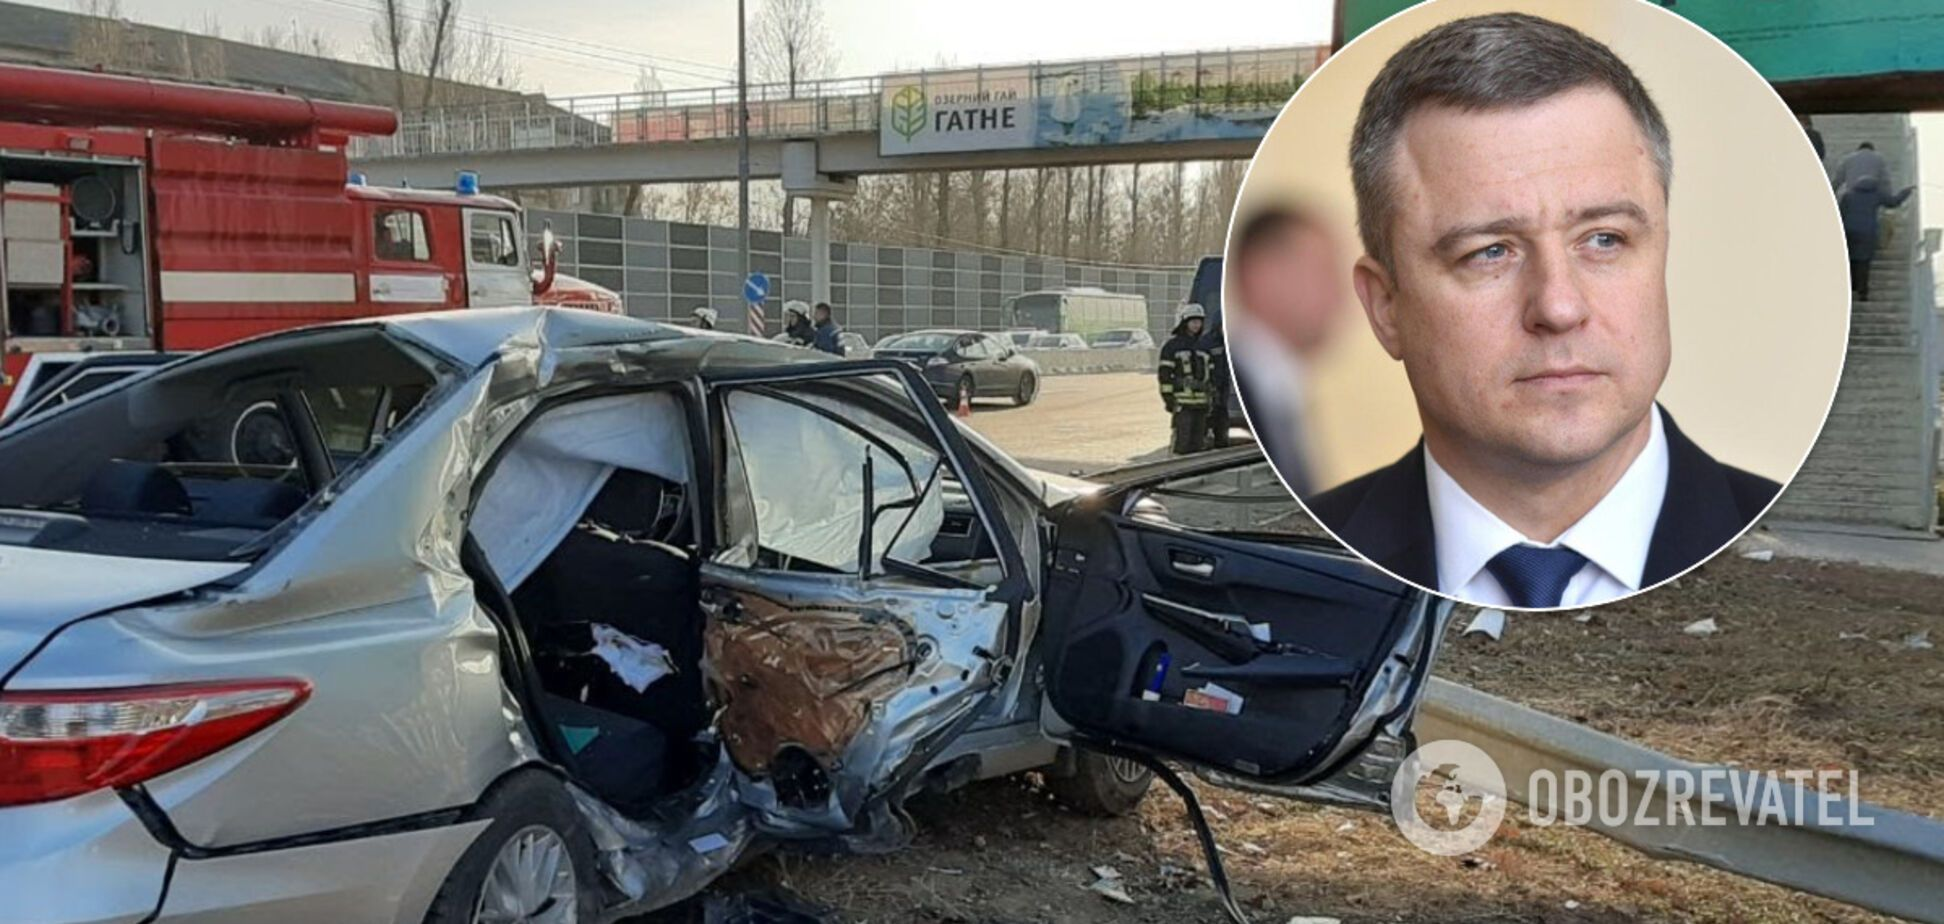 Под Киевом произошло ДТП с Кулебой